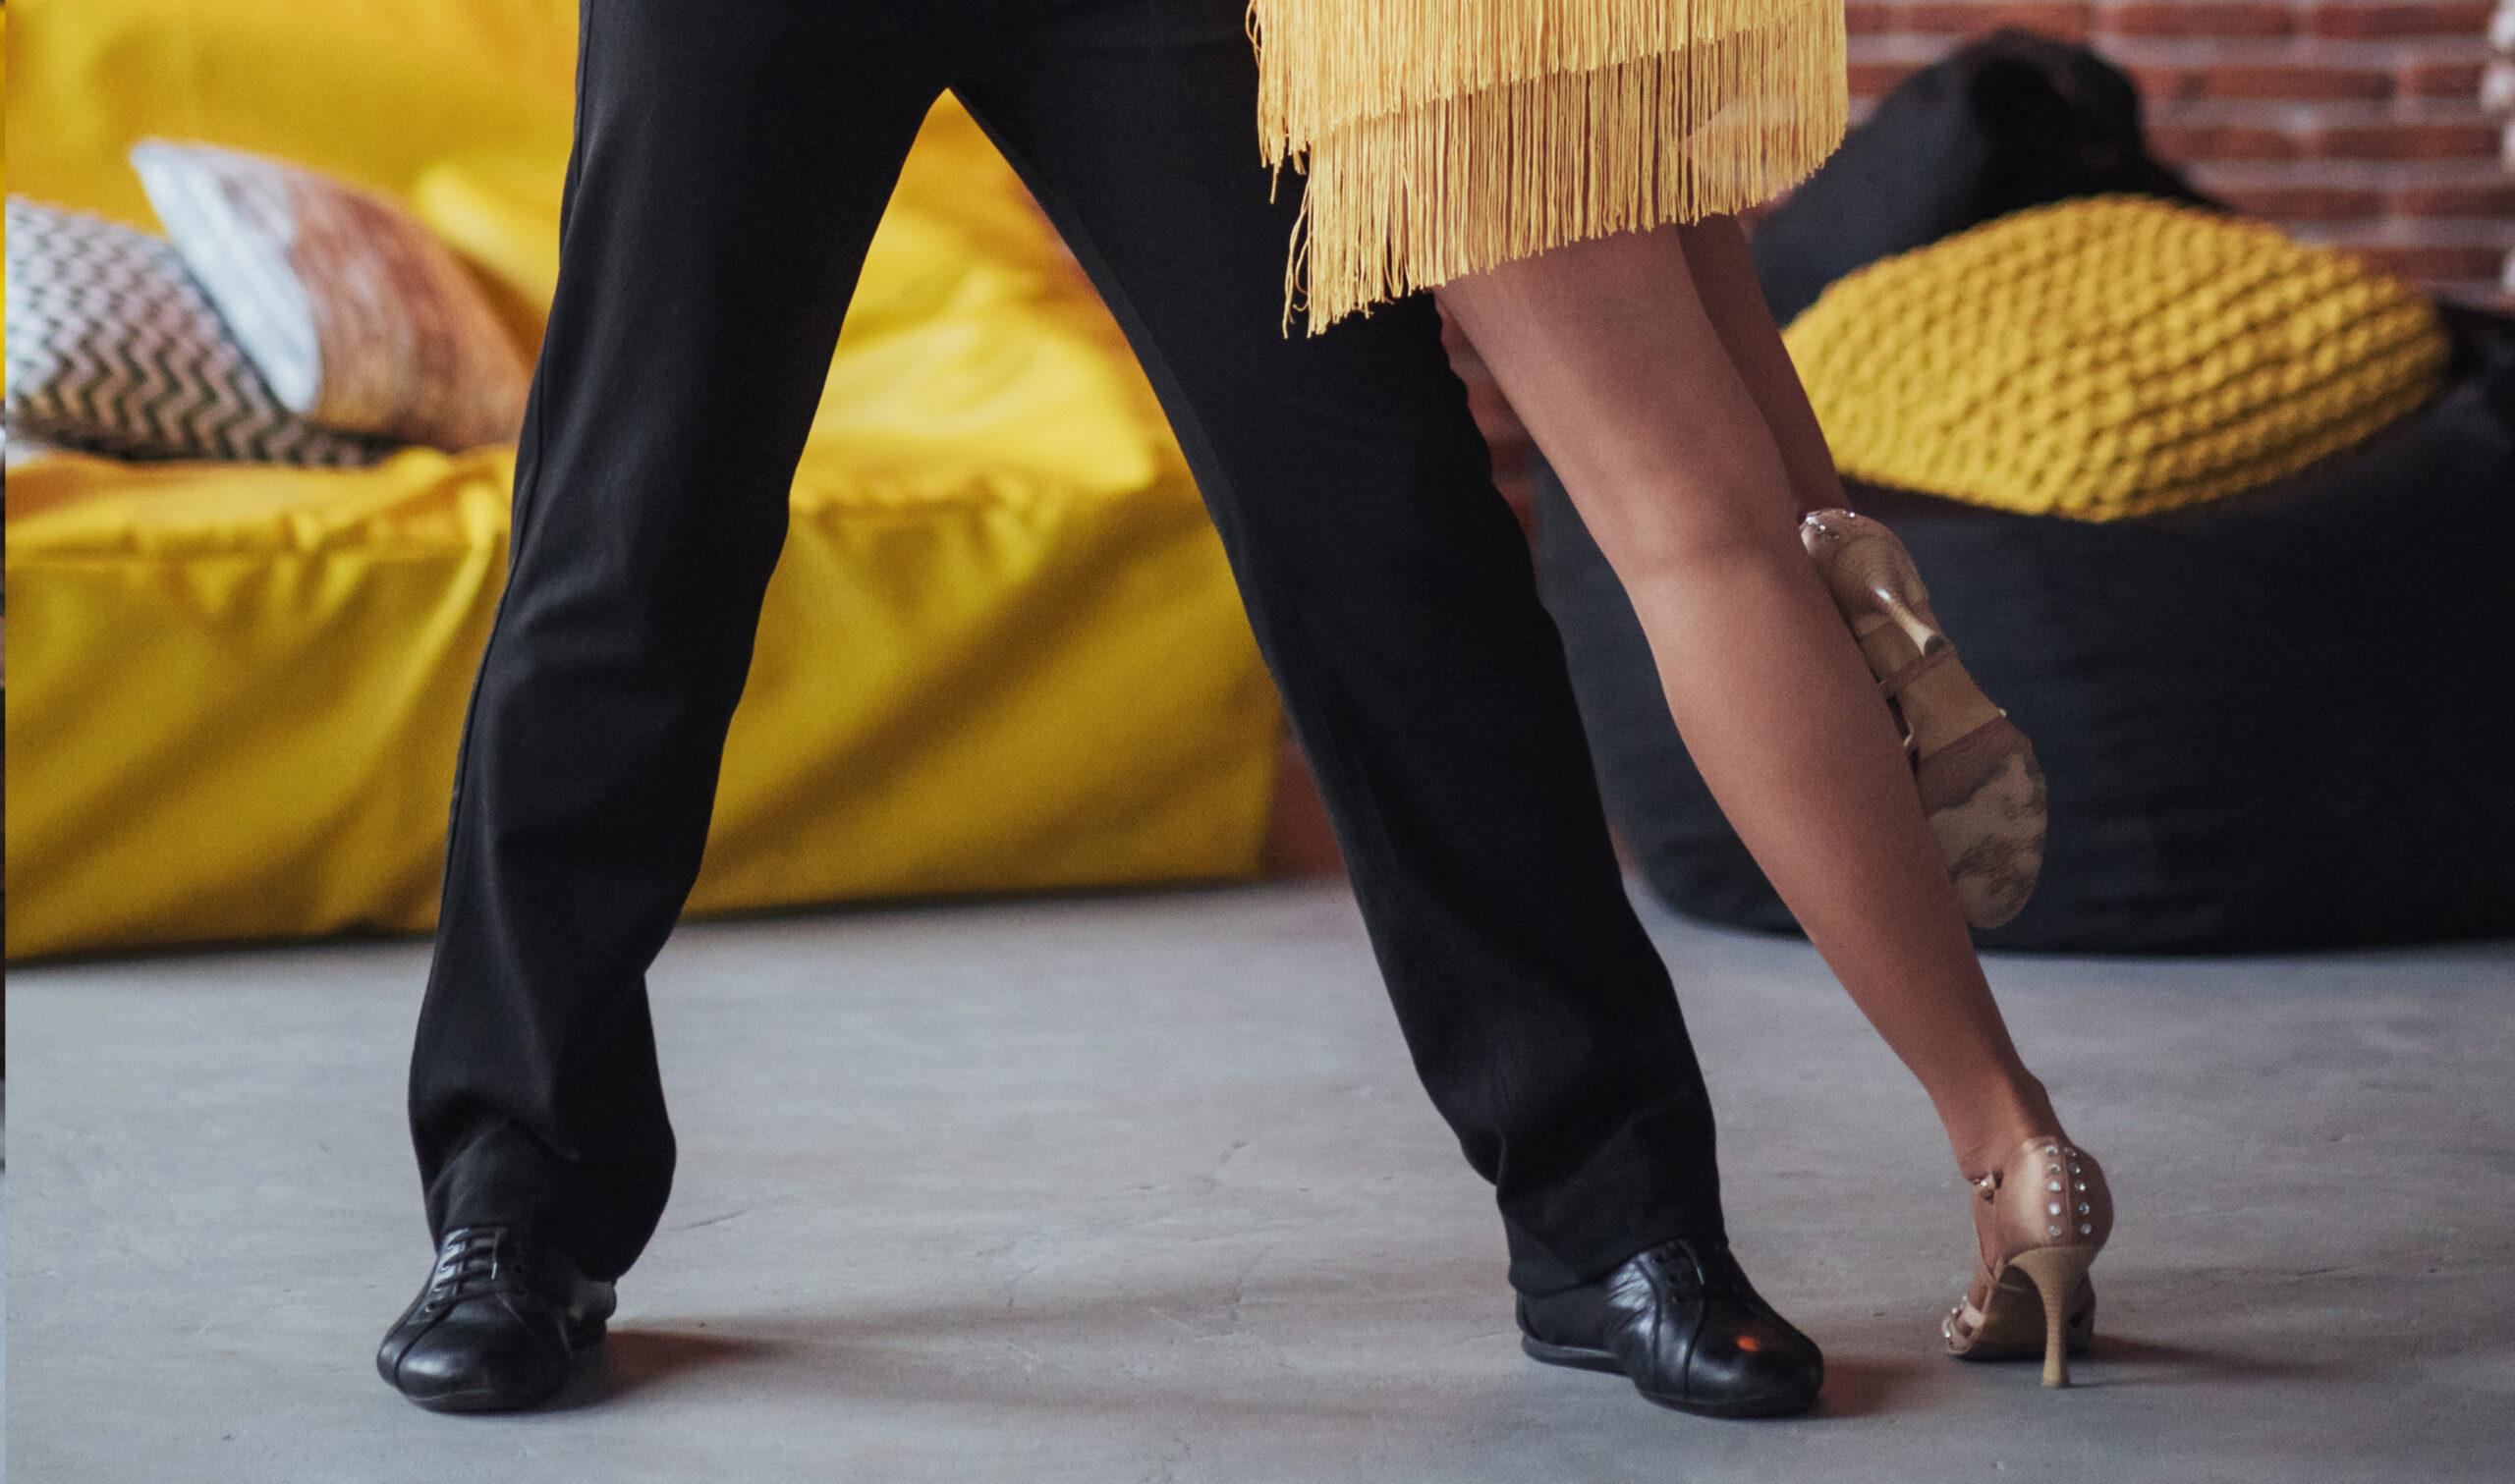 Tanzpaar tanzt Latin Movement in der Tanzschule Kirchberg, Blick auf die Tanzschuhe des Paars